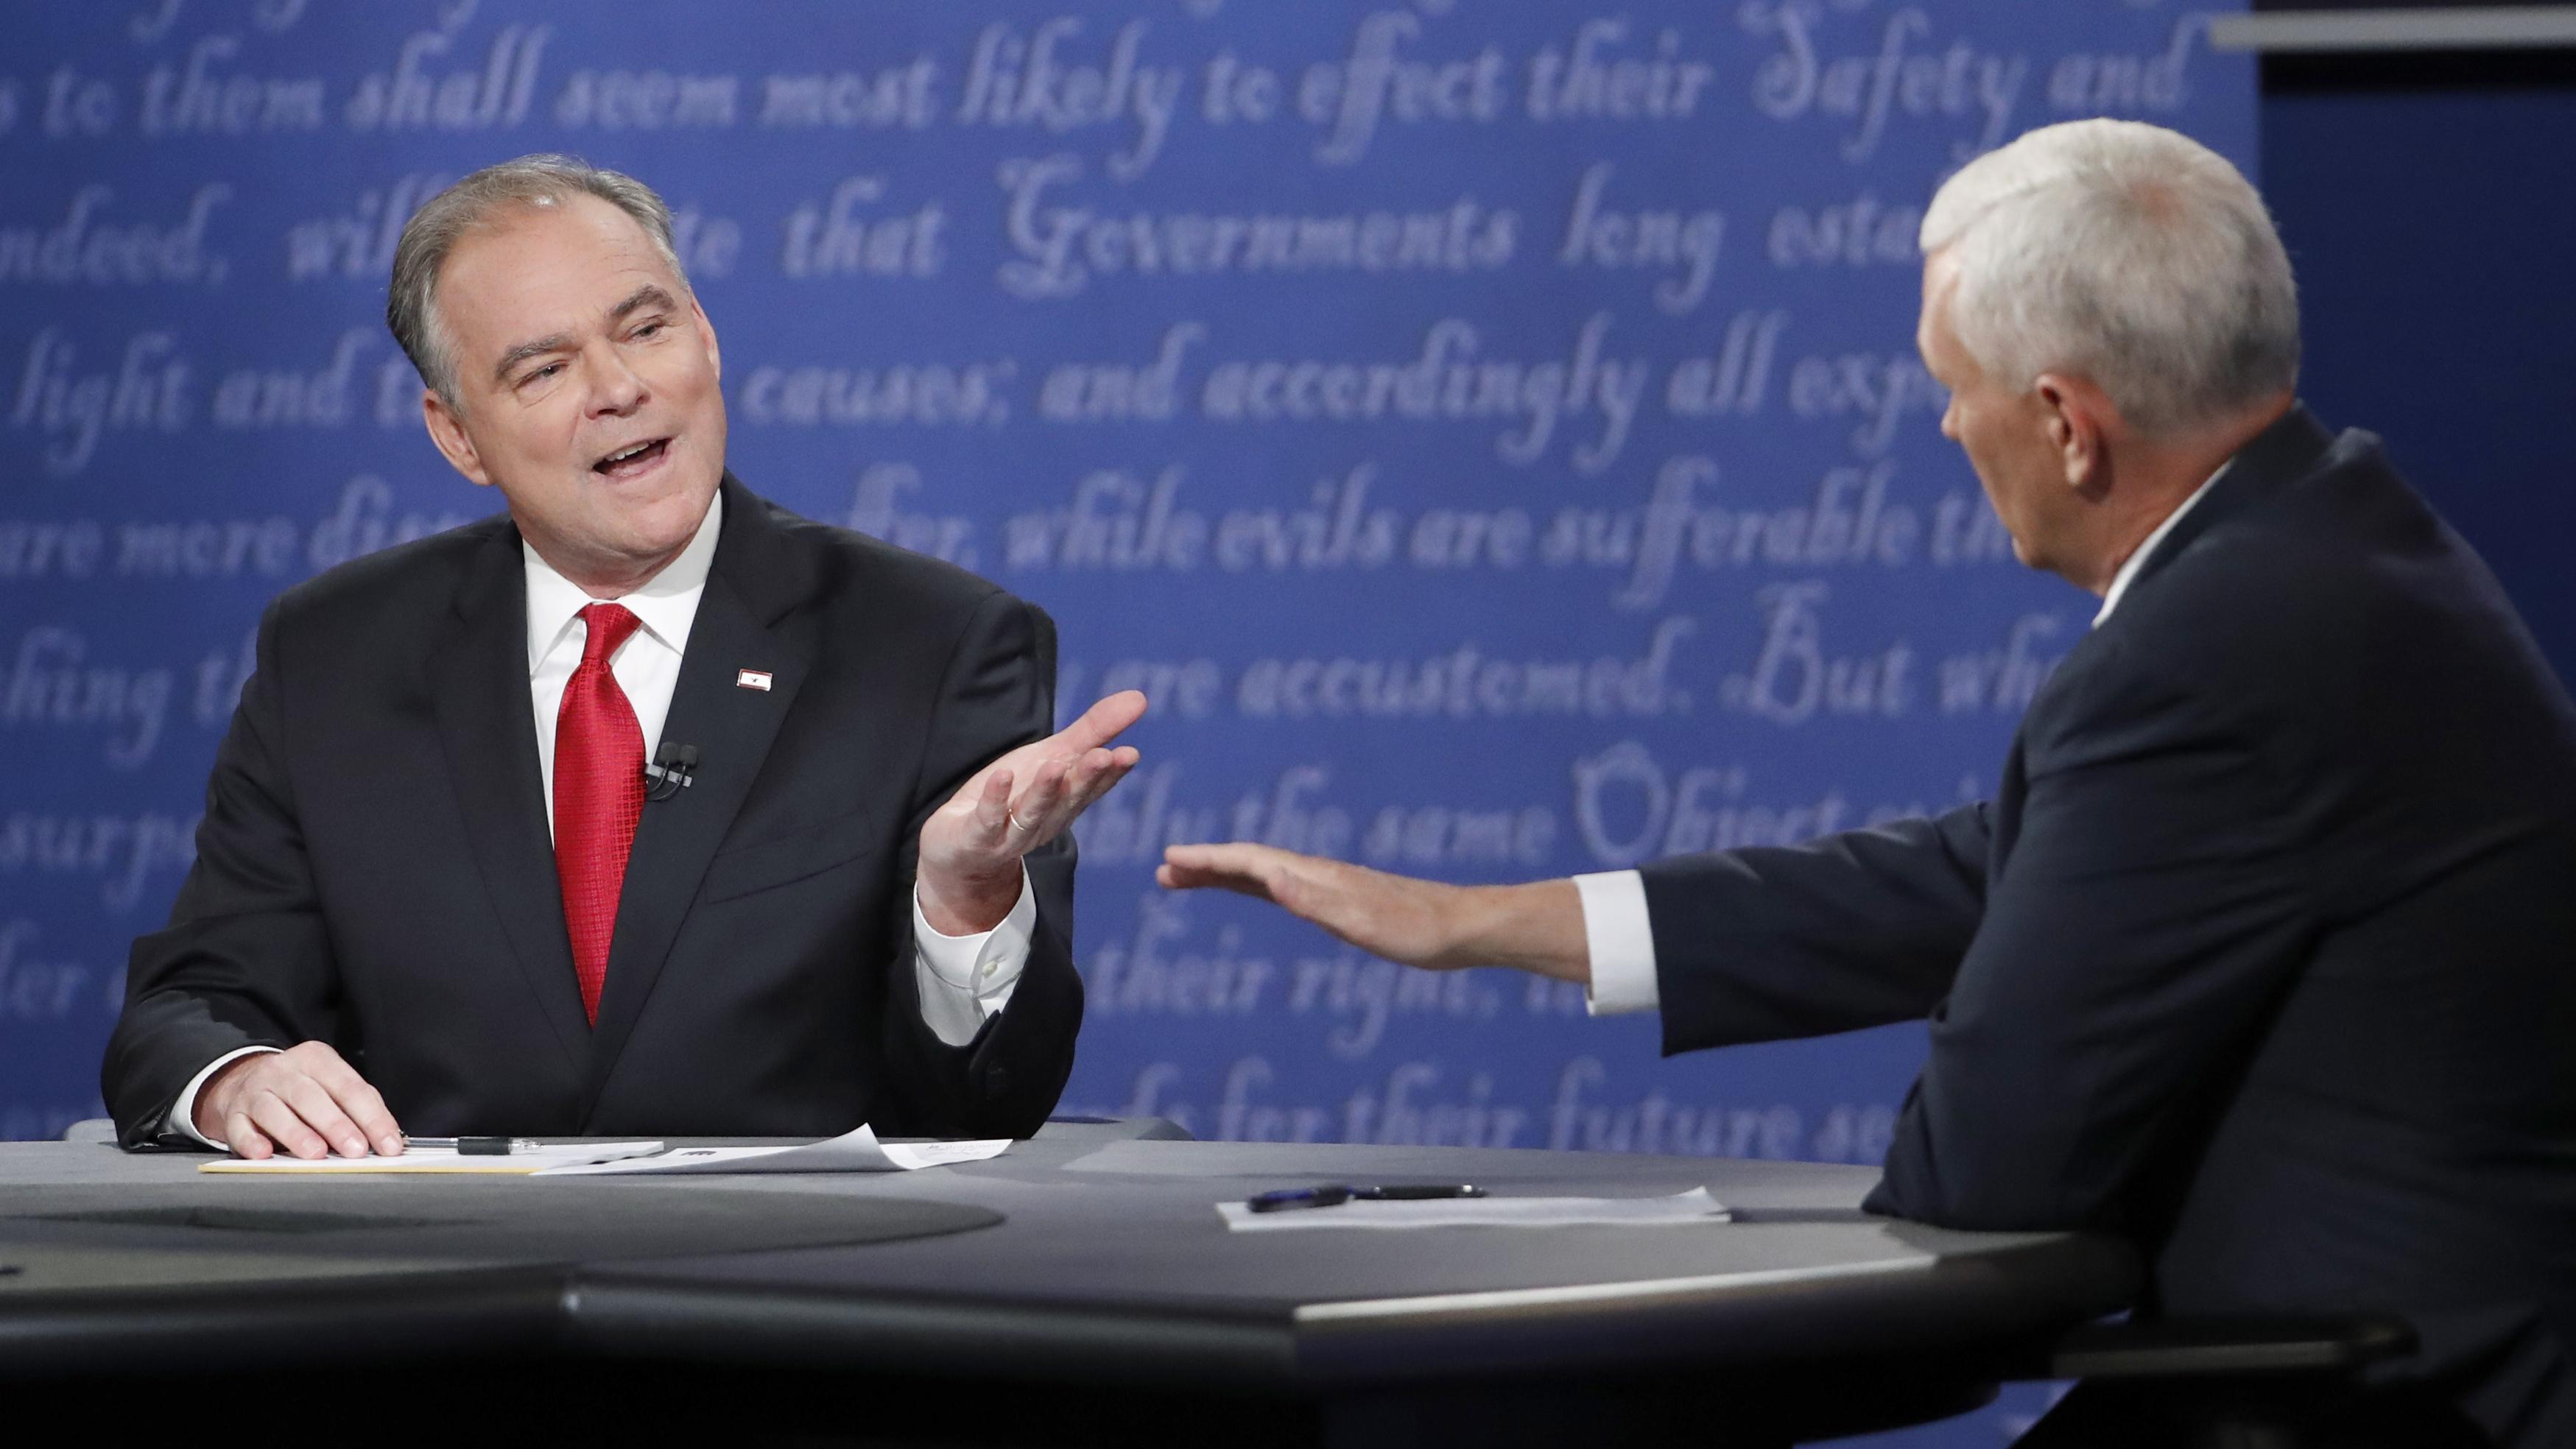 Mike Pence Tim Kaine vice presidential debate